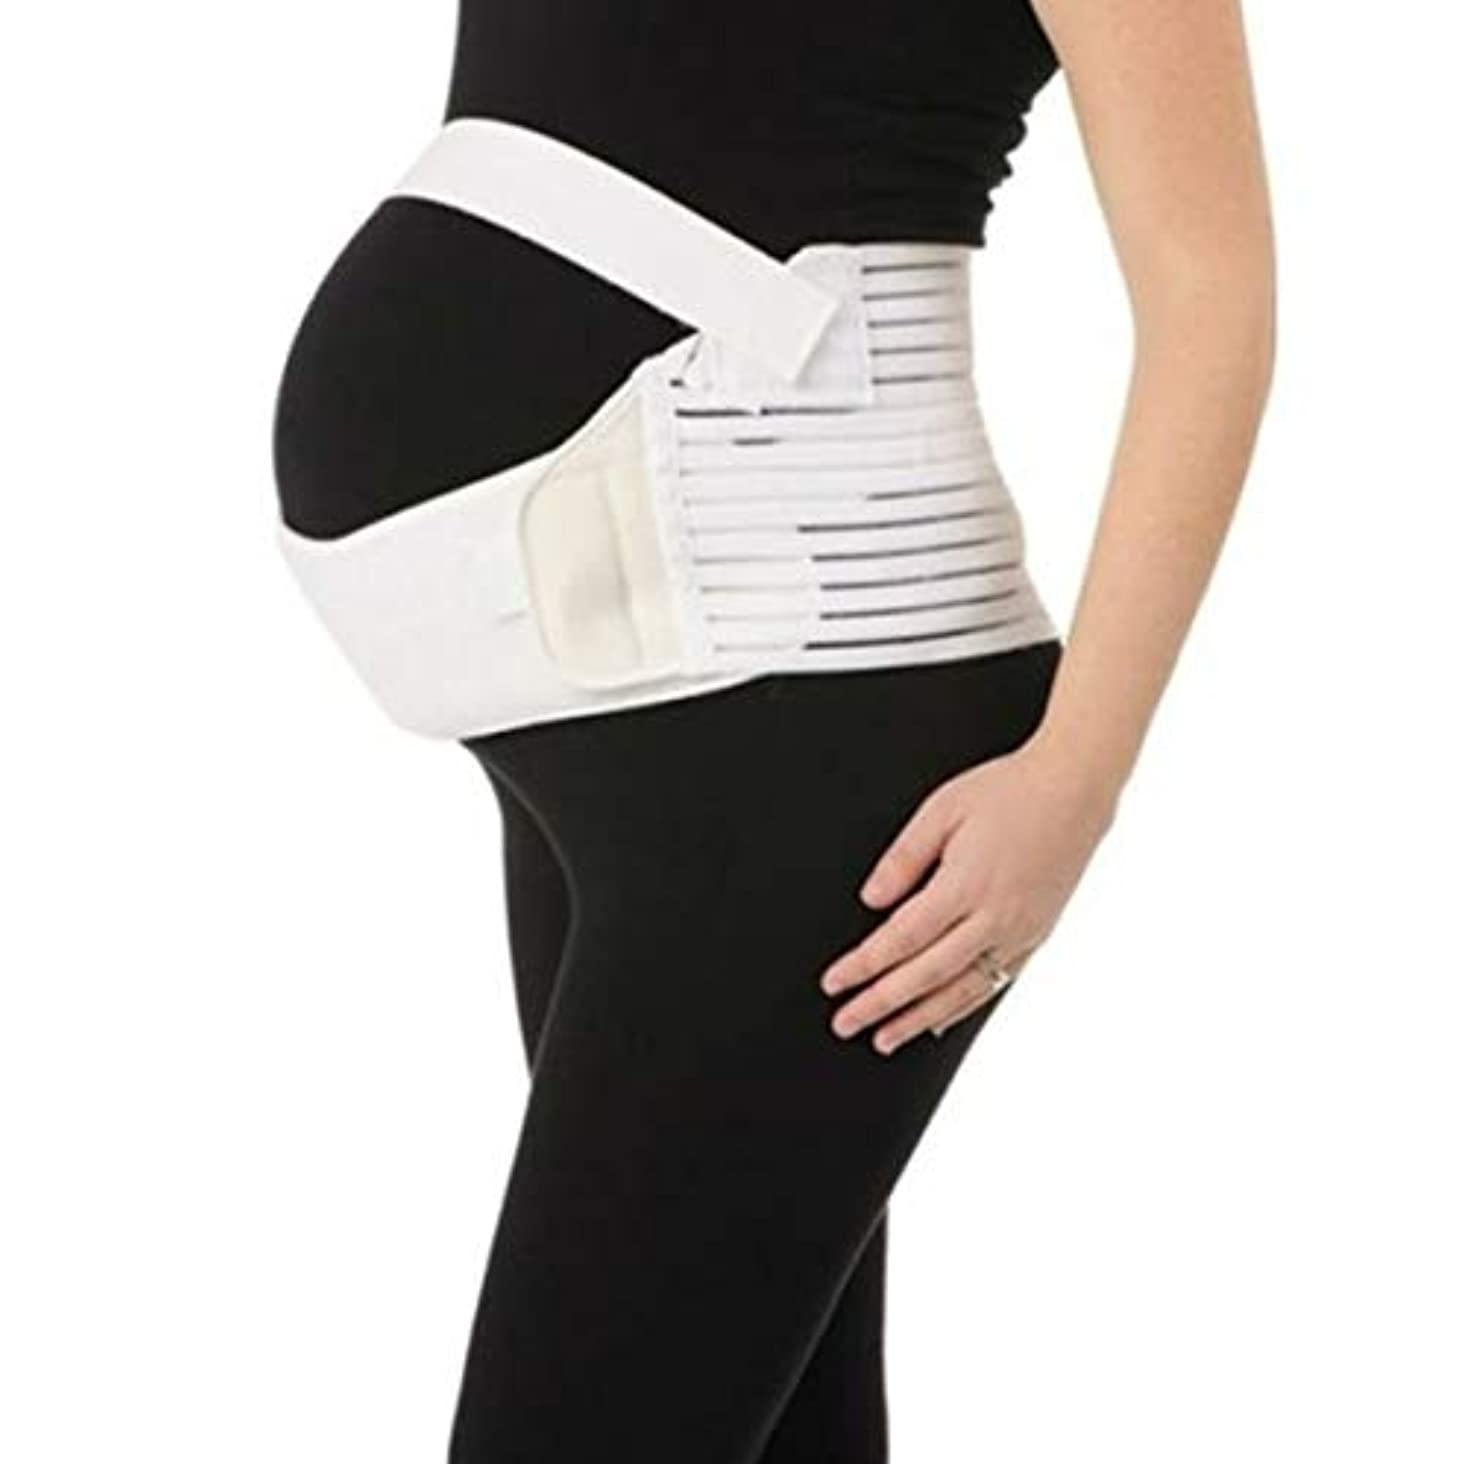 浸す吹きさらし行列通気性マタニティベルト妊娠腹部サポート腹部バインダーガードル運動包帯産後の回復shapewear - ホワイトL